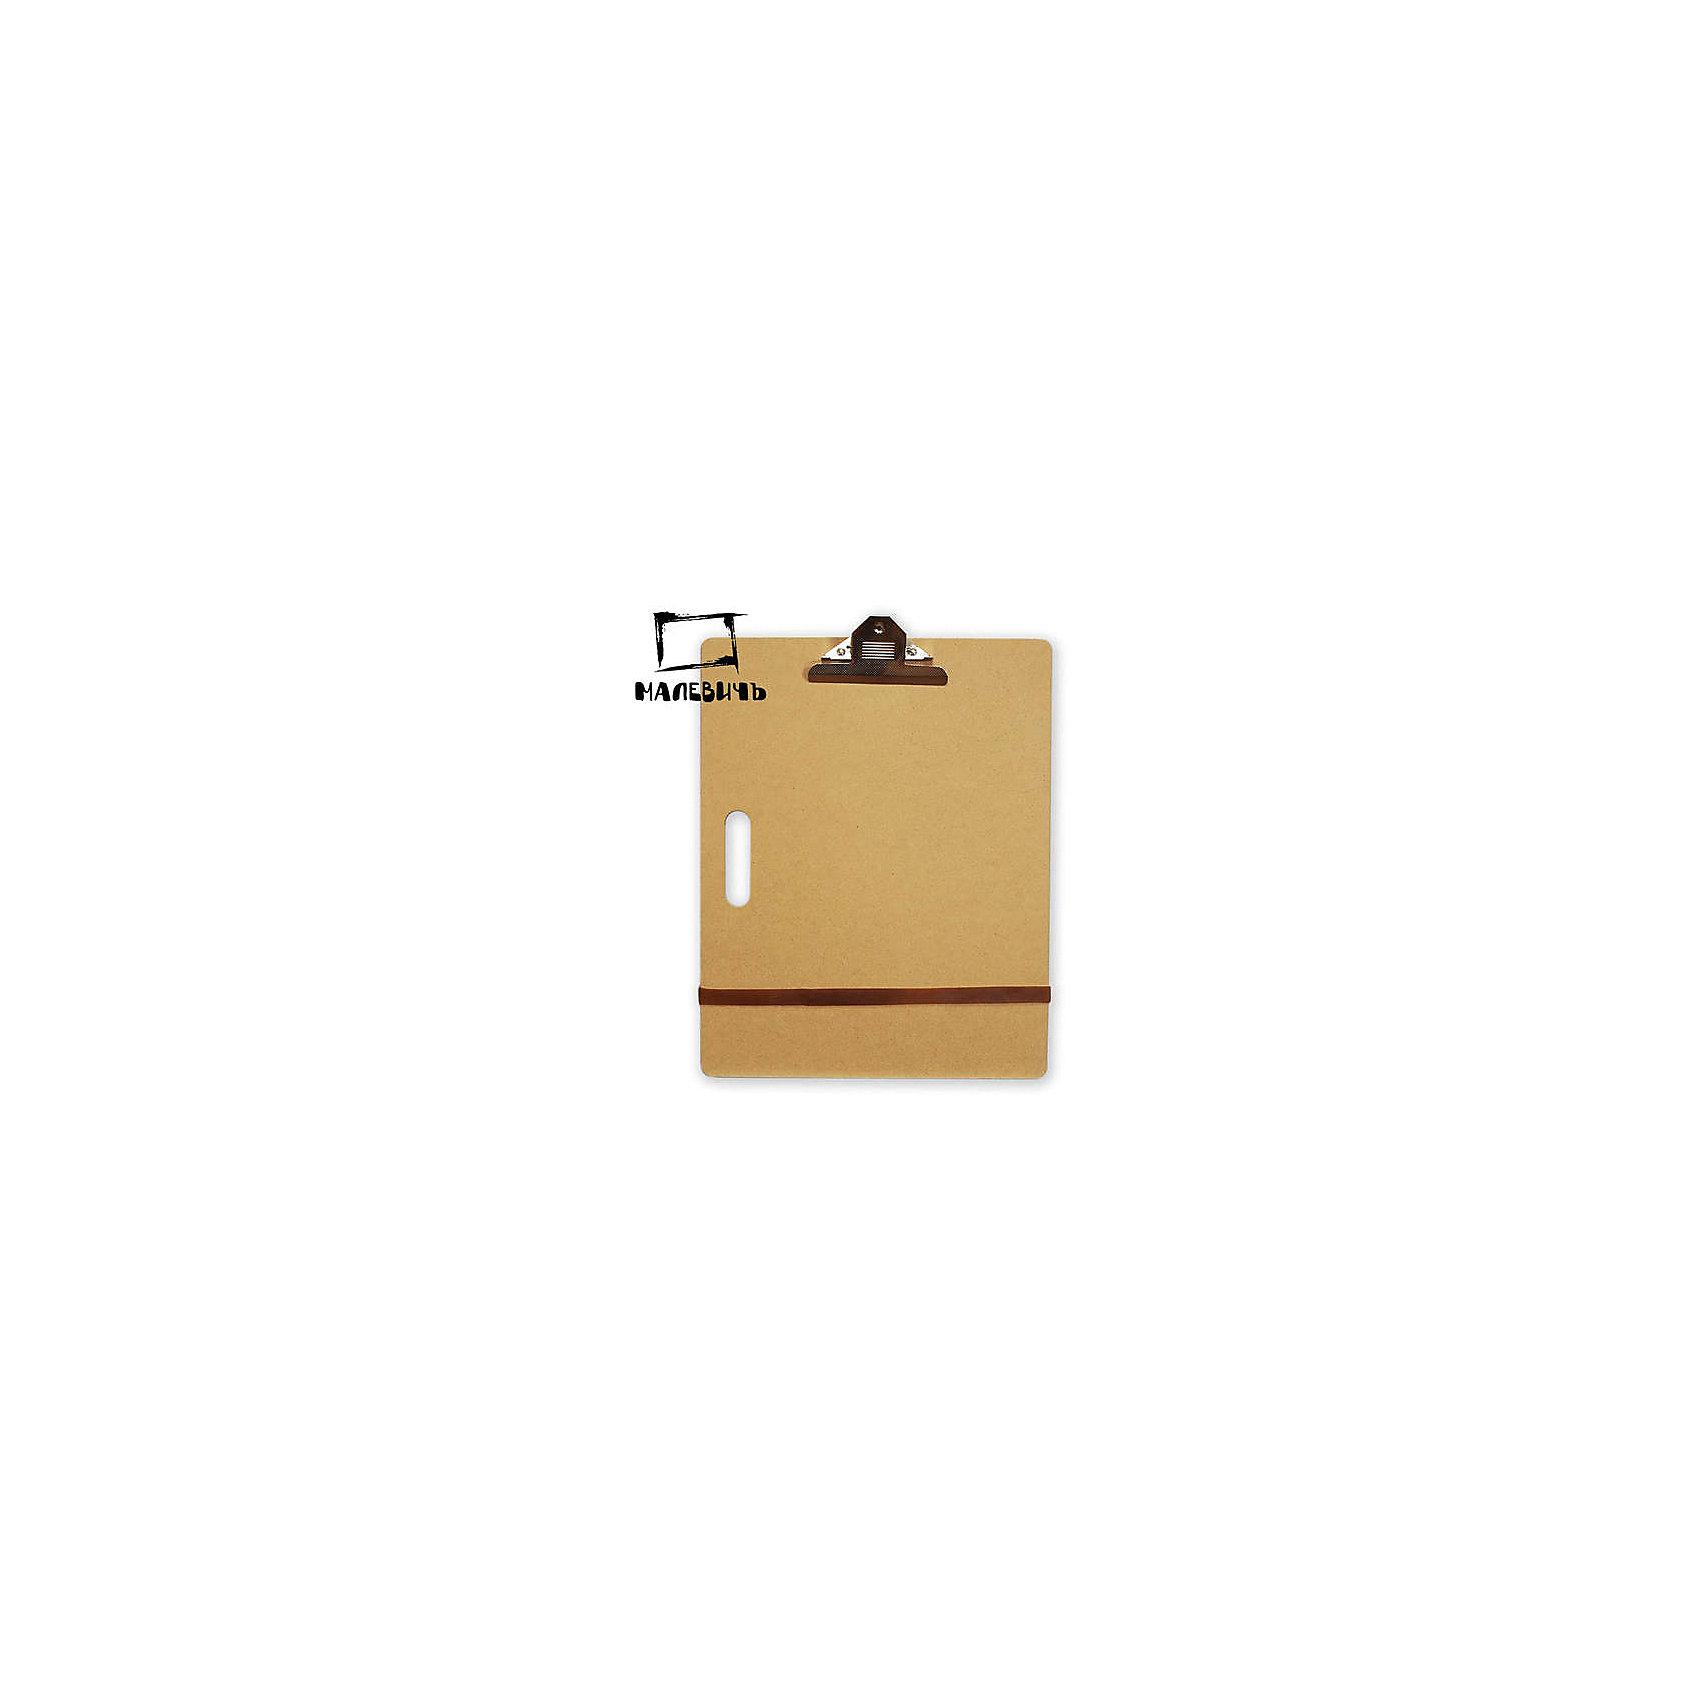 Планшет с зажимом А3 (36х46 см)Холсты<br>Изготовленный из экологически чистого МДФ,  легкий и практичный планшет (клипборд) Малевичъ - настоящая находка для любителей эскизов и выездов на пленэр. Оснащен большим зажимом для бумаги, надежно удерживающими ее даже при сильном ветре. Небольшая толщина основы позволяет дополнительно закреплять лист необходимым количеством зажимов.  Гладкая поверхность подходит для работы с самой тонкой бумагой и гарантирует легкое скольжение карандашей, перьев или мелков. Небольшой формат А3 удобен для переноски, работы и хранения. Планшет подходит для любых графических материалов и имеет встроенную ручку для удобства переноски. Особенно пригодится такой клипборд студентам творческих специальностей и  художникам, любящим делать наброски на пленэре. <br><br>Планшет Малевичъ:<br><br>•    прочный и легкий<br>•    с идеально гладкой поверхностью <br>•    имеет удобную ручку для переноски и встроенный зажим для бумаги<br>•    не занимает  много места при хранении<br>•    подходит для работы на открытом воздухе и в студии<br><br>Ширина мм: 460<br>Глубина мм: 365<br>Высота мм: 5<br>Вес г: 710<br>Возраст от месяцев: 84<br>Возраст до месяцев: 2147483647<br>Пол: Унисекс<br>Возраст: Детский<br>SKU: 6757453